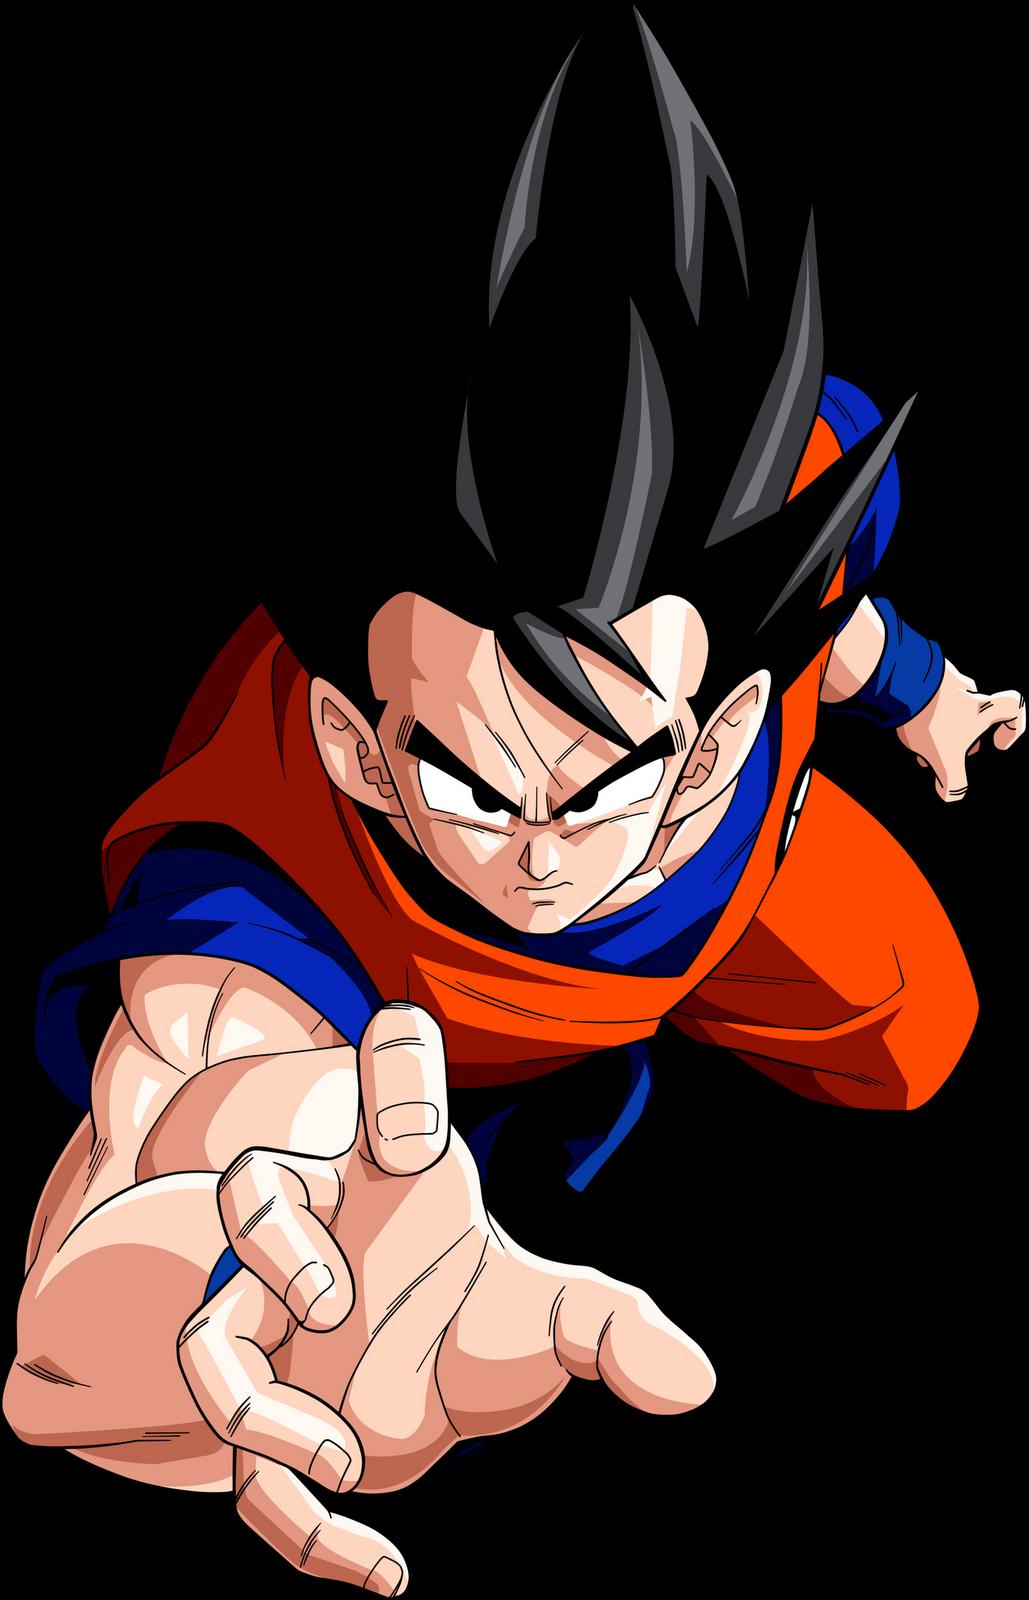 Download Dragon Ball Goku HQ PNG Image | FreePNGImg